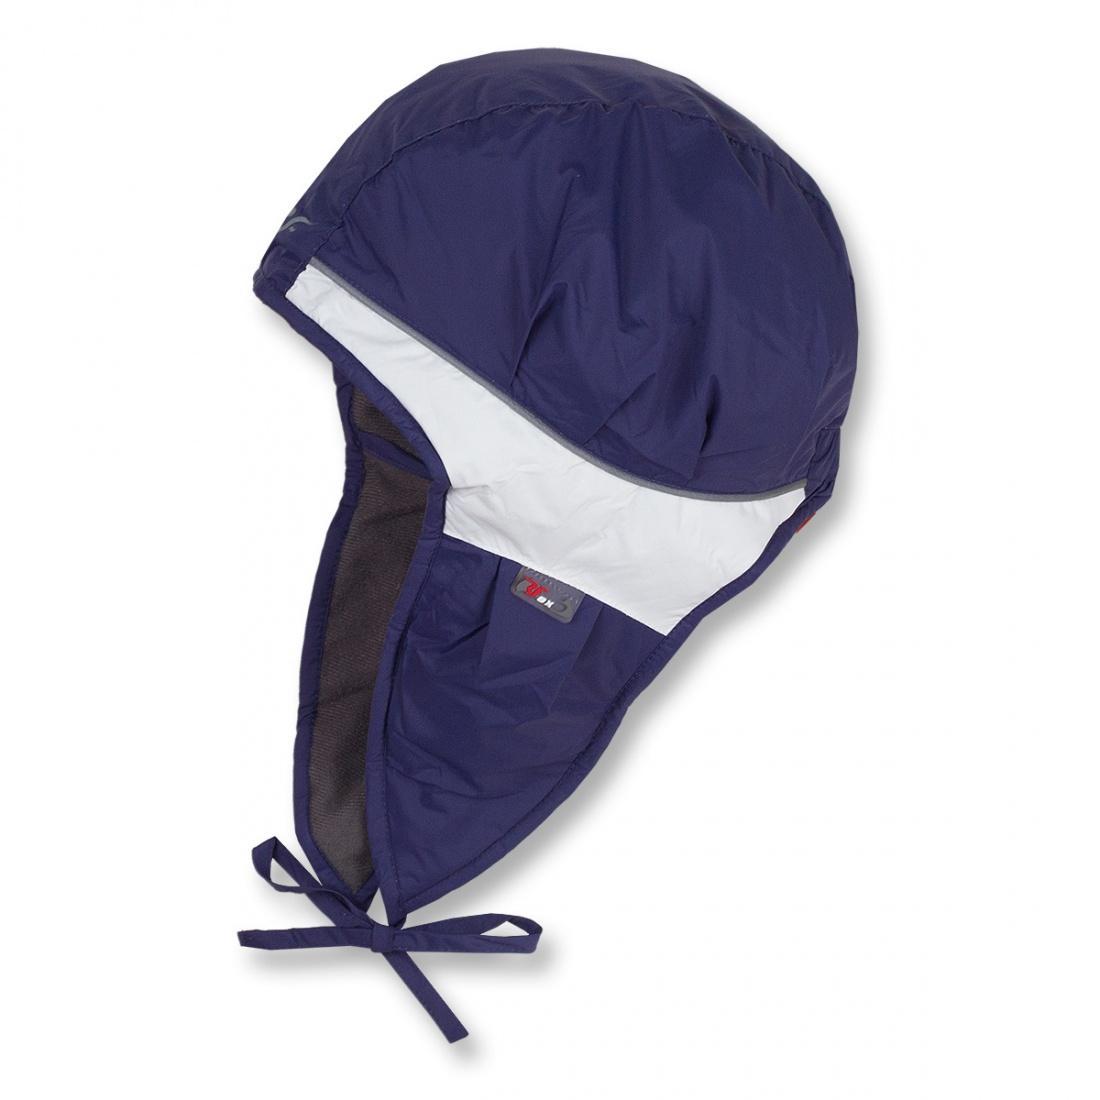 Шапка детская TressУшанки<br><br> Яркая контрастная шапочка прекрасно выделяет ребенка из толпы.<br><br> <br><br><br><br> Основной материал – Dry Factor 1000.<br><br> <br><br><br> Утеп...<br><br>Цвет: Темно-синий<br>Размер: M